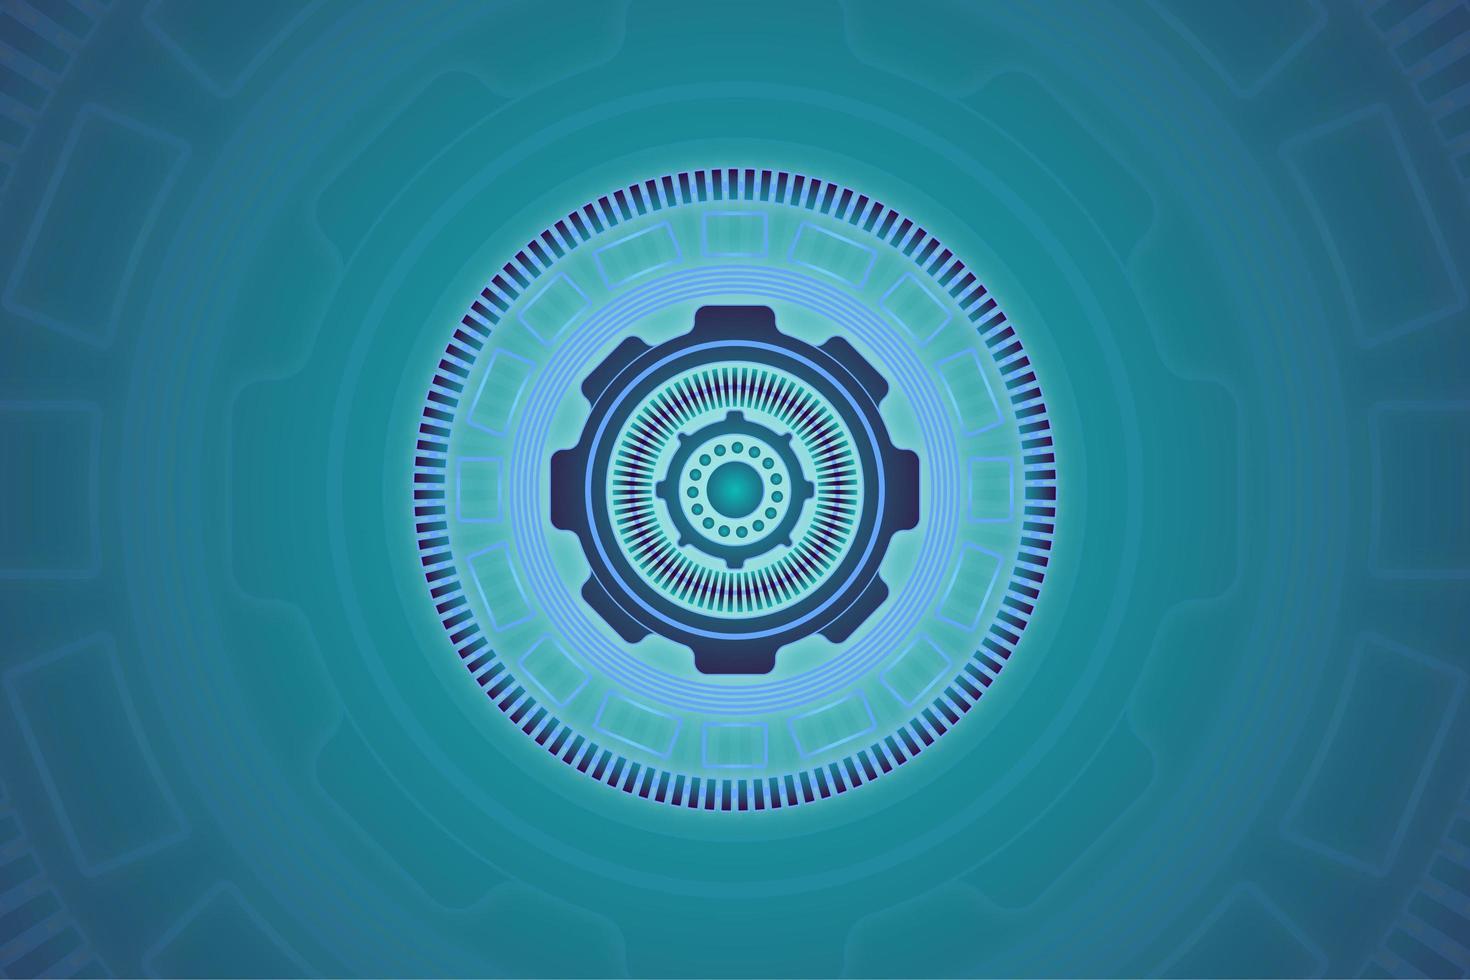 abstraktes blaues Kreis-Technologie-Design vektor